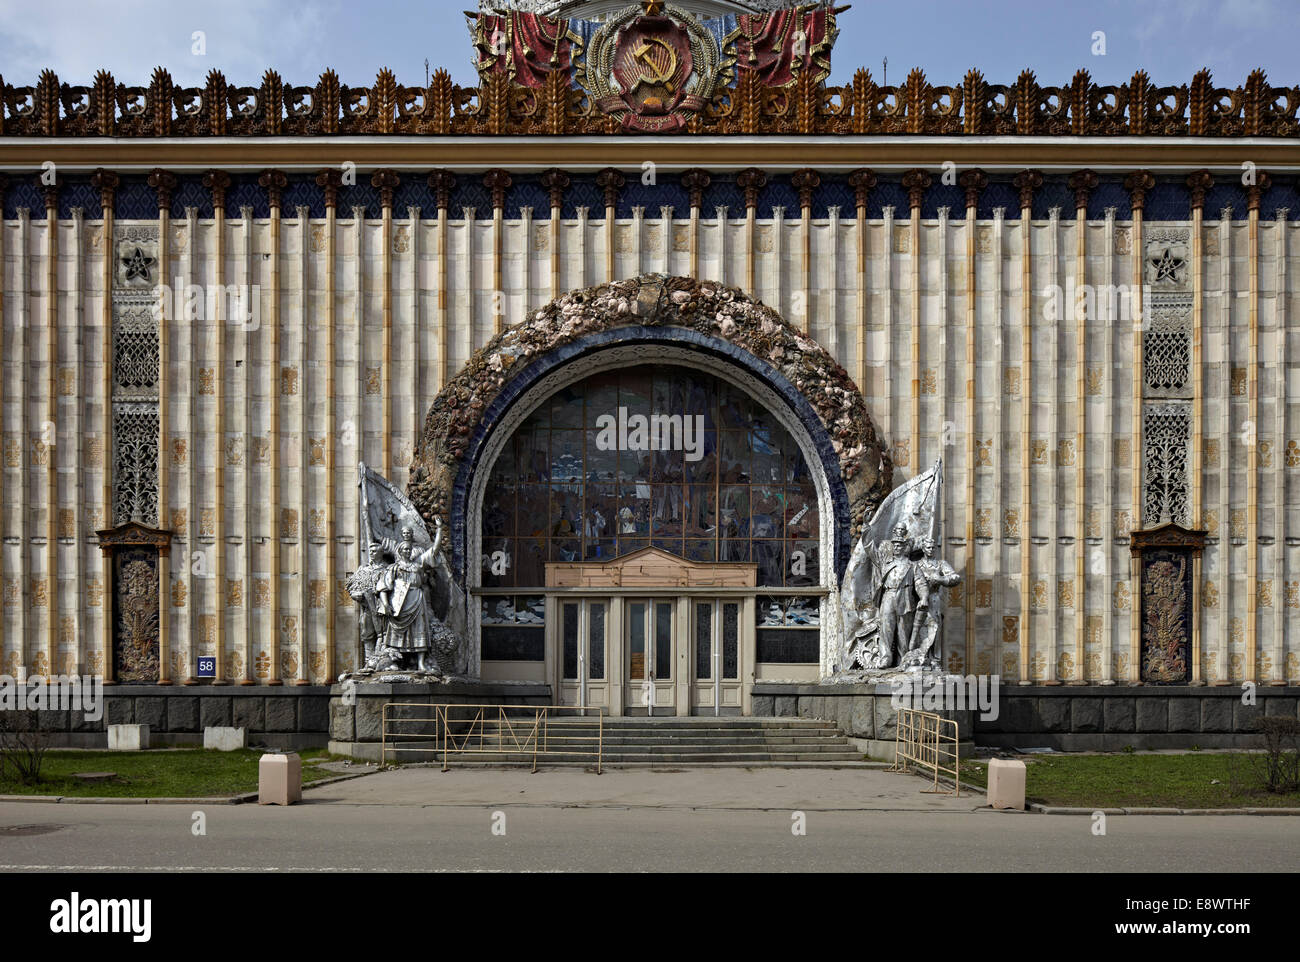 Gewölbten Eingangstür Pavillon der Ukraine alle Russland Exhibition Centre, Moskau, Russland. Stockbild